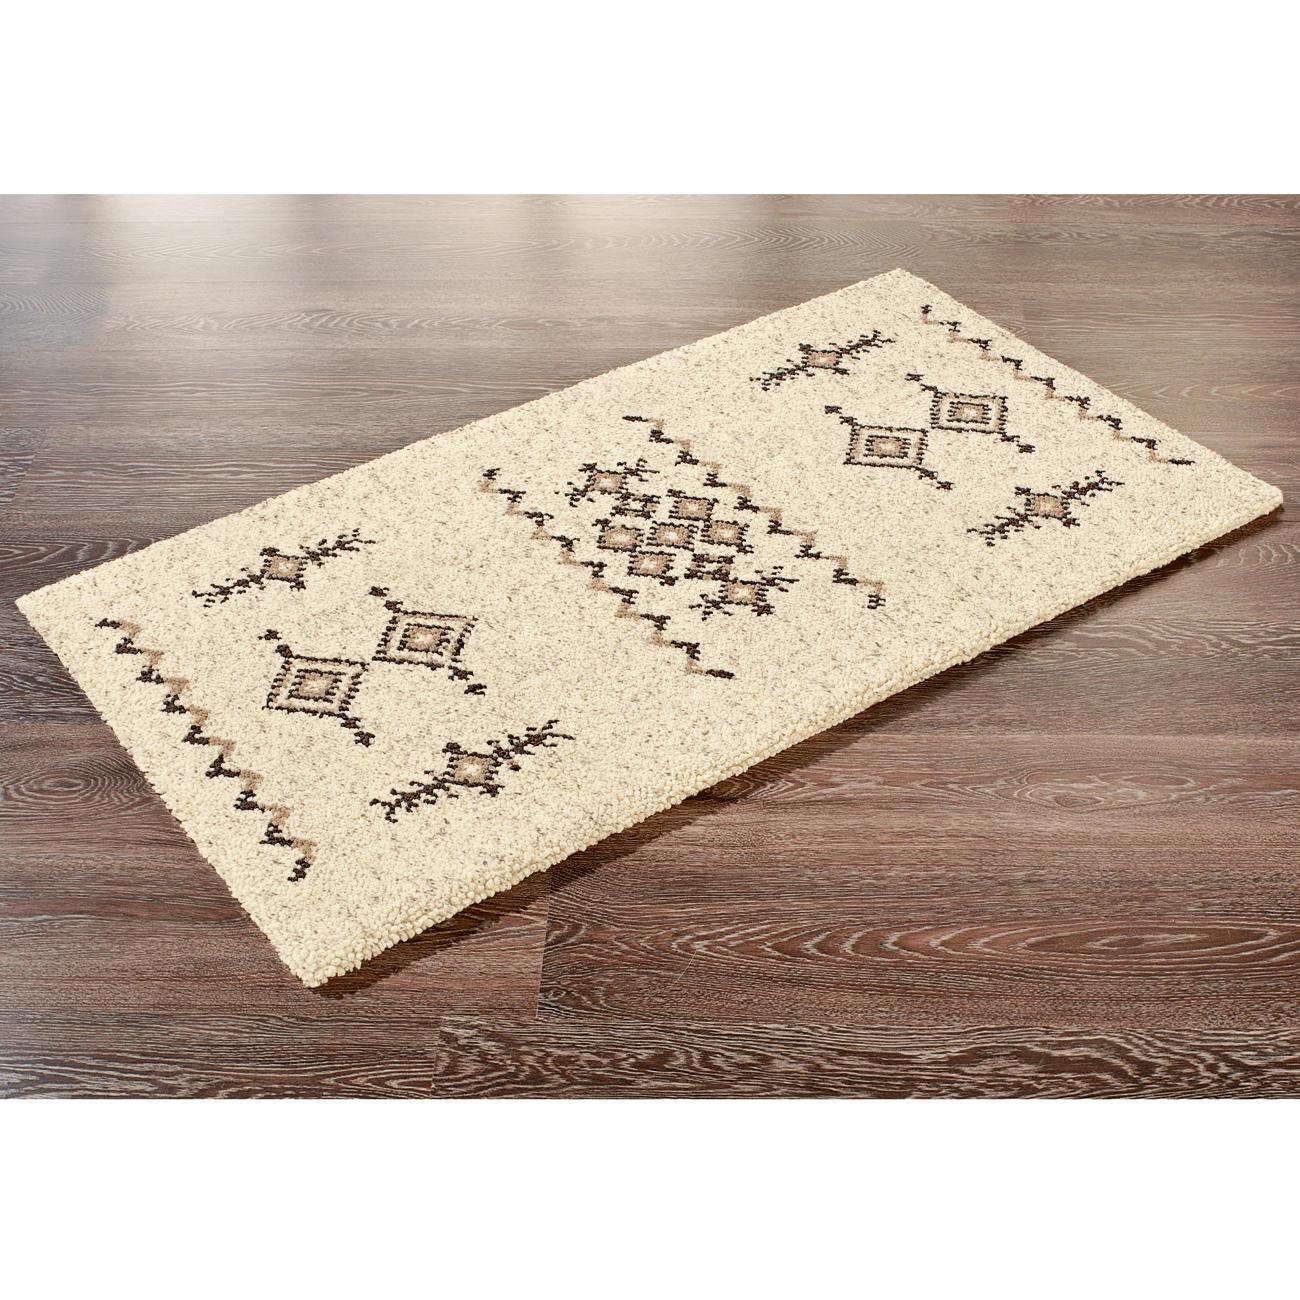 teppich meknes berberteppiche teppiche kn pfen berberteppiche hier finden sie eine. Black Bedroom Furniture Sets. Home Design Ideas